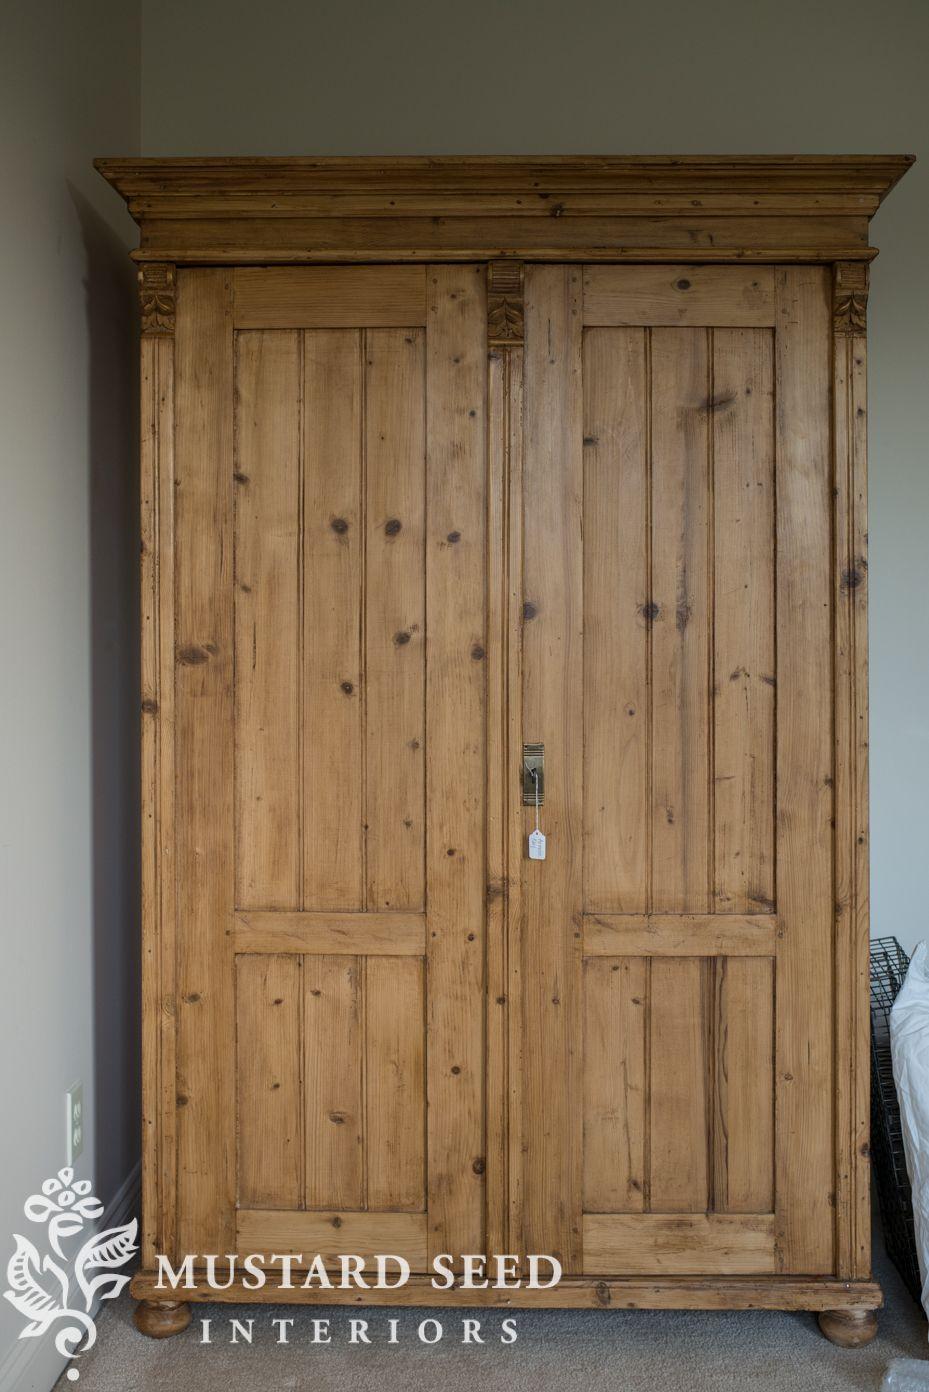 craigslist wardrobe score Pine wardrobe, Antique pine